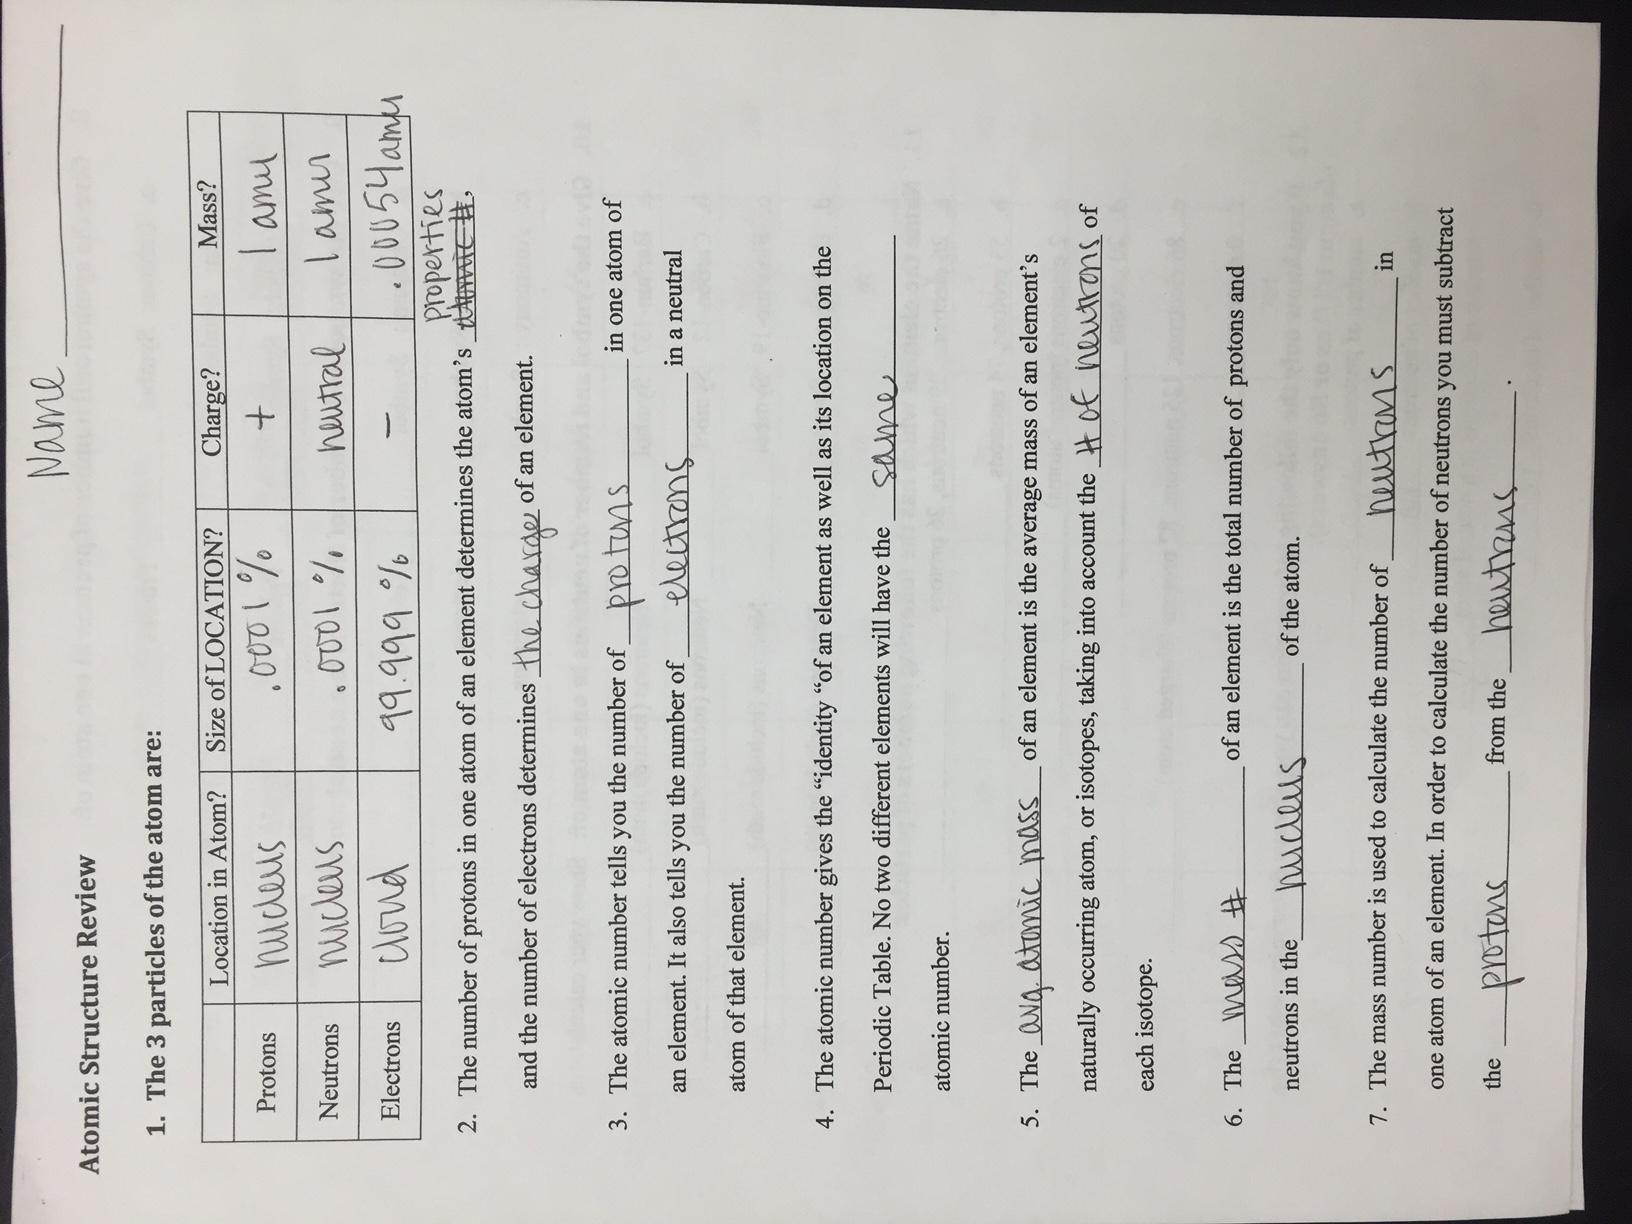 Electron Configuration Worksheet 2 Answer Key